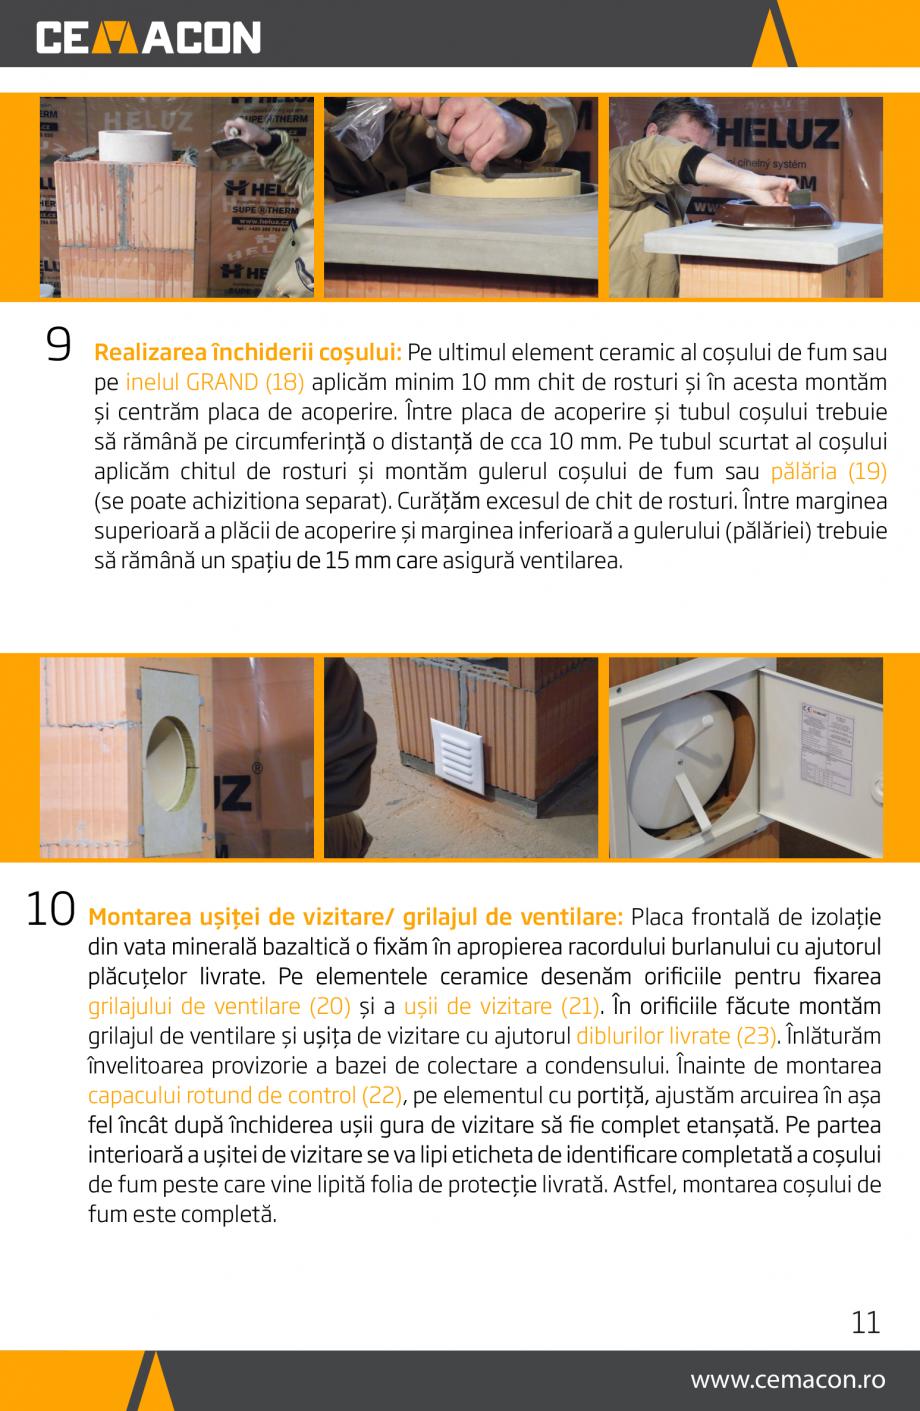 Pagina 11 - Instructiuni de punere in opera a cosului de fum HELUZ Instructiuni montaj, utilizare...